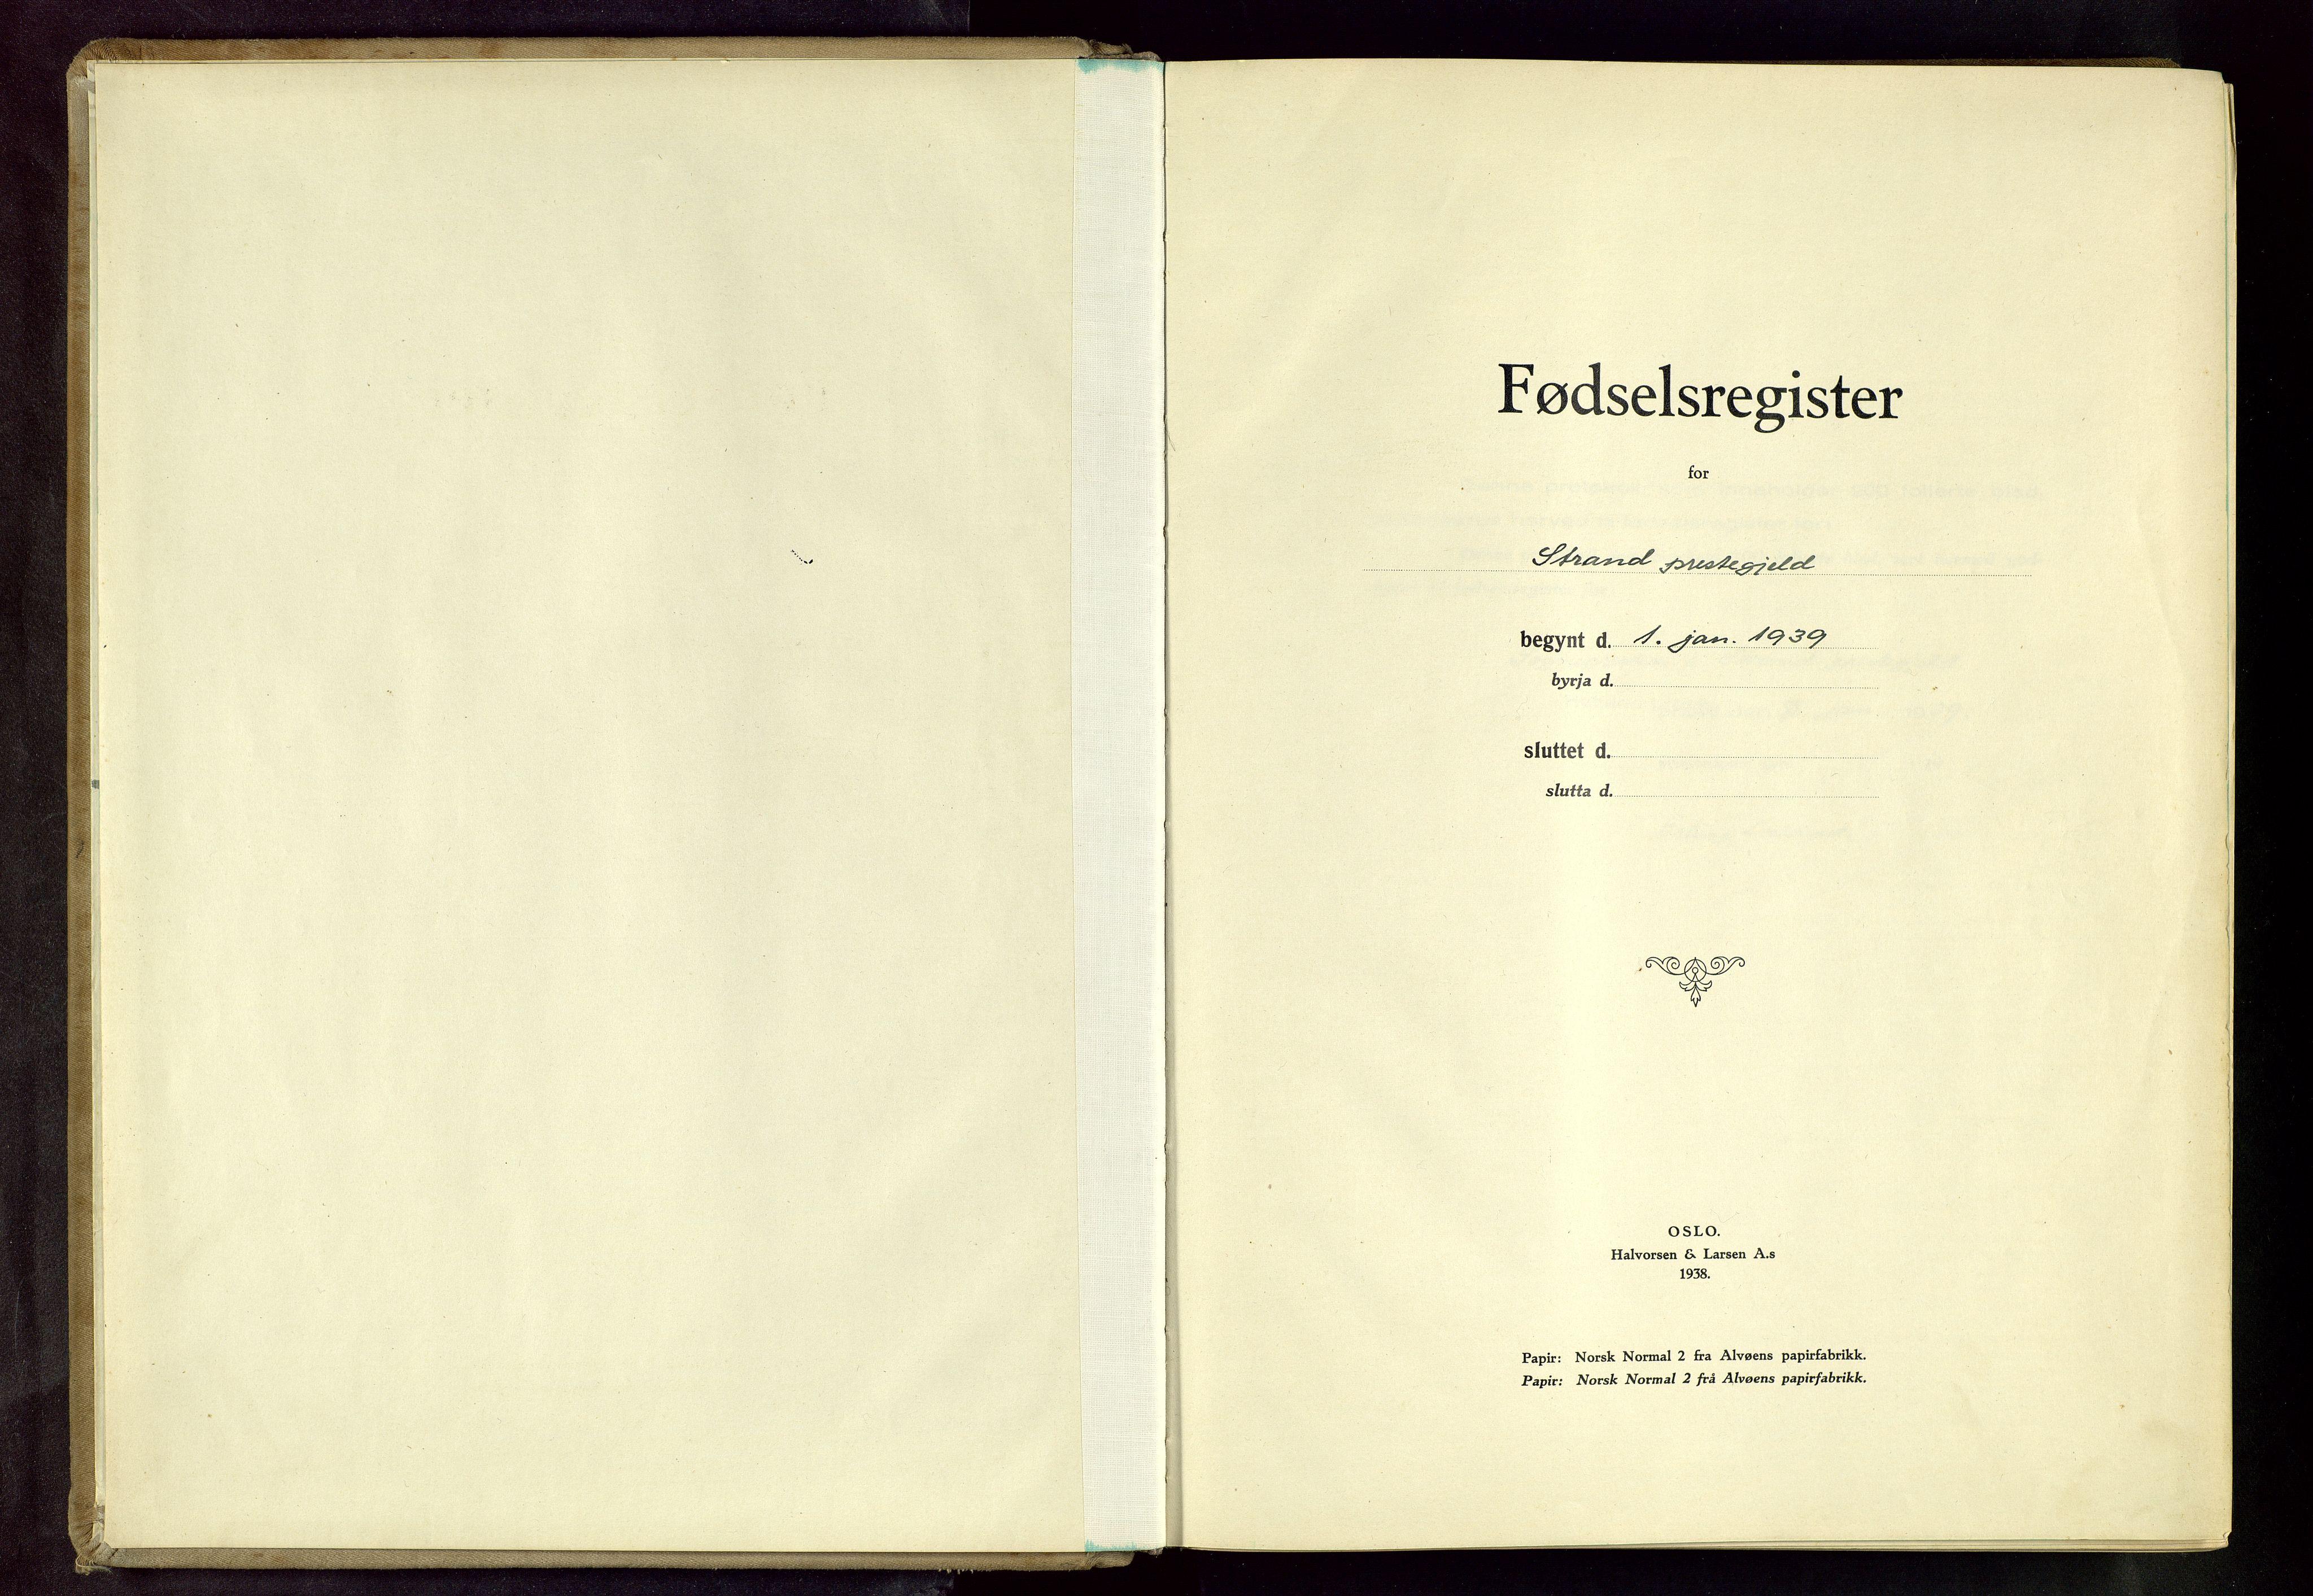 SAST, Strand sokneprestkontor, I/Id/L0002: Fødselsregister nr. 2, 1939-1957